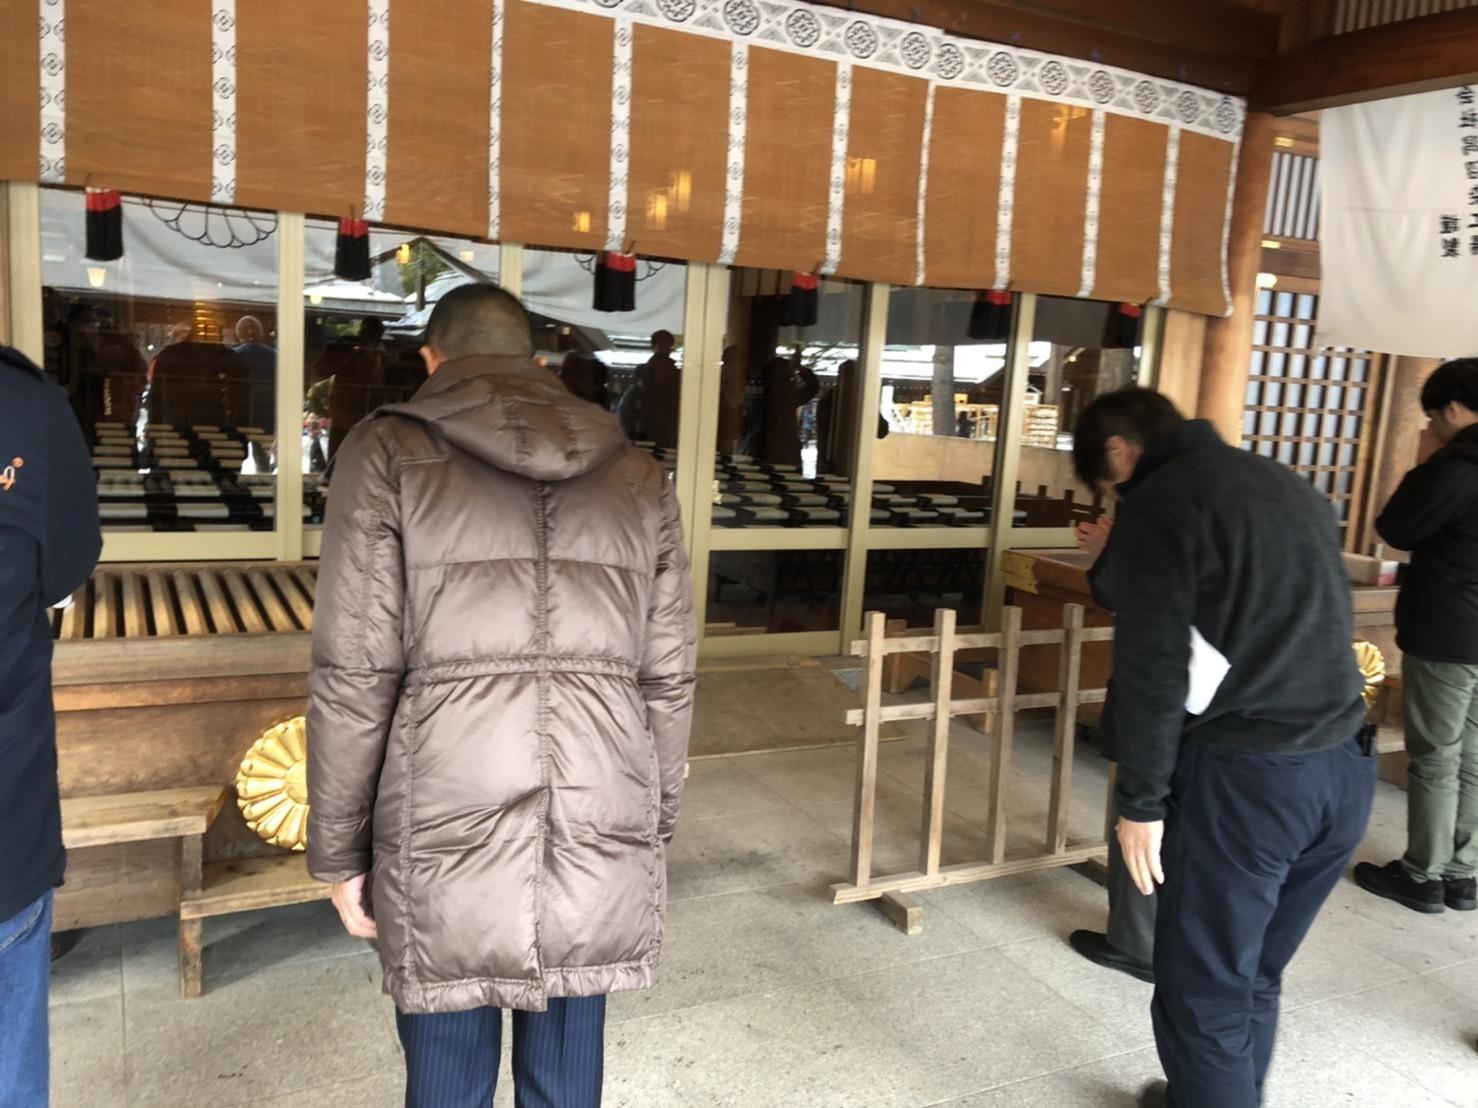 12月1日(日)TOMMYBASEブログ☆北海道神宮参拝⛩レクサス🎶クラウン♬スバル☆レガシィ♬フーガ🎶セダン専門☆カスタムカー☆自社ローン_b0127002_16084711.jpg